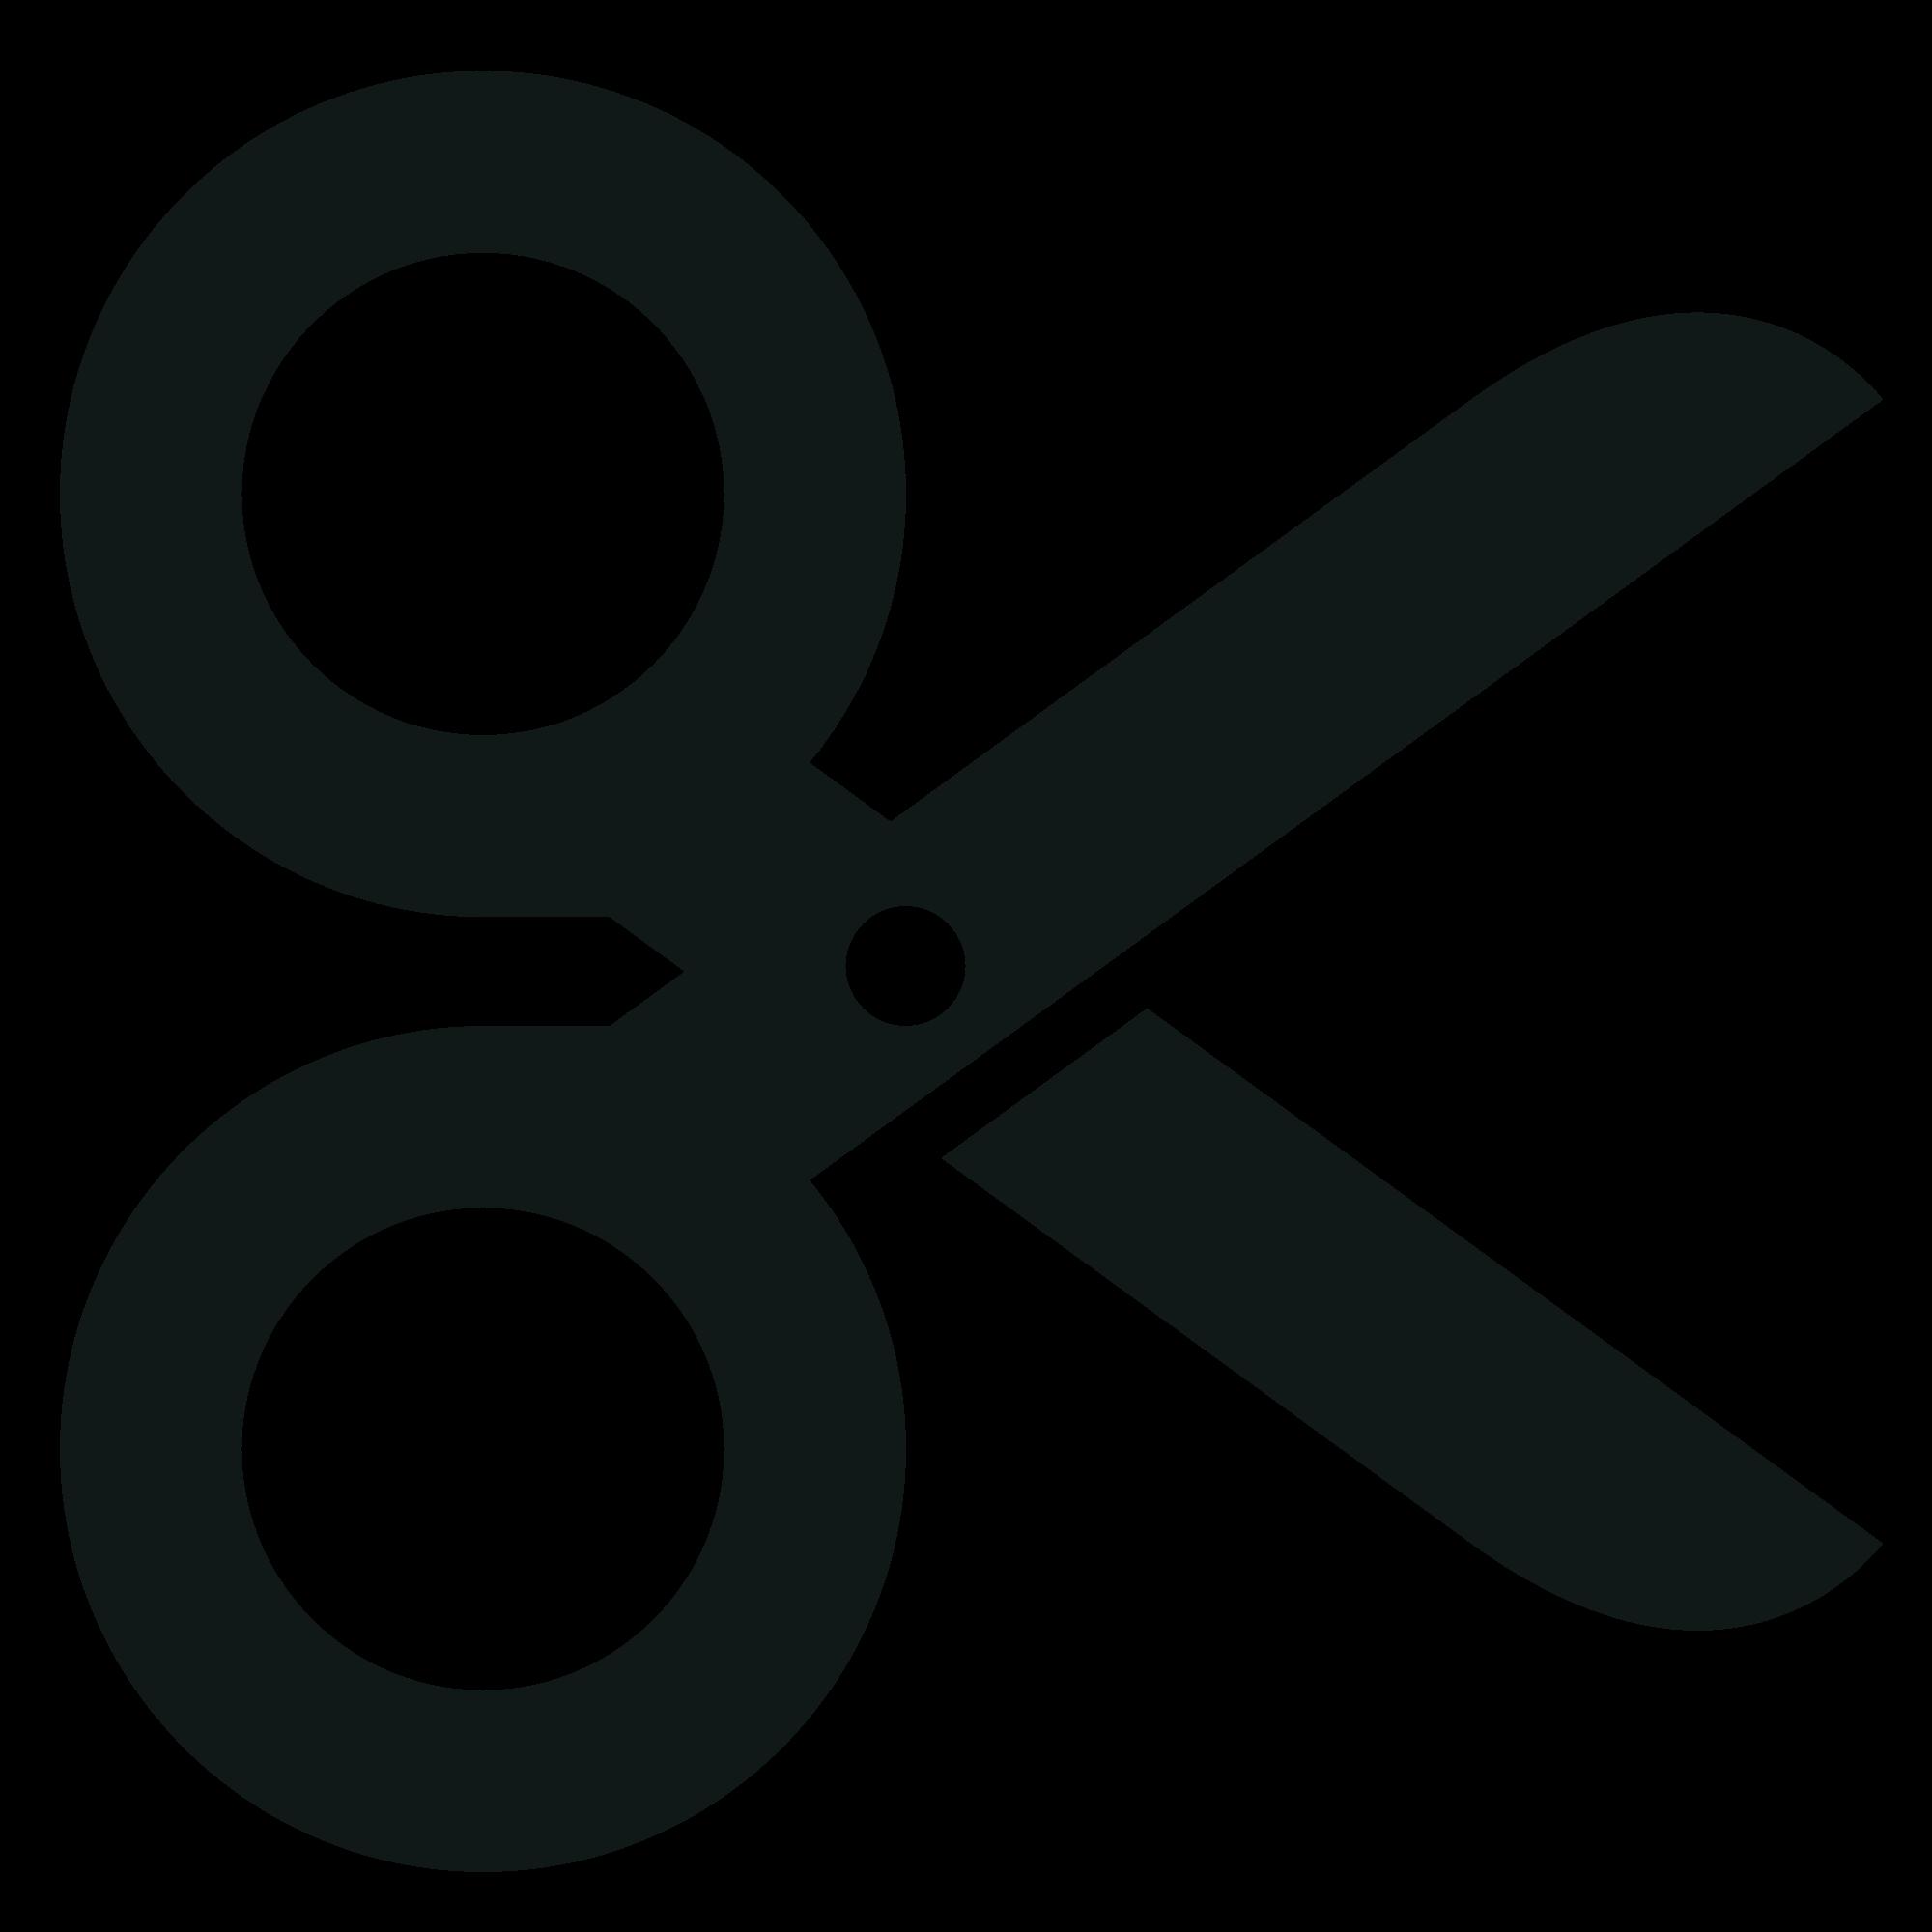 Cut clipart scissors icon, Cut scissors icon Transparent.